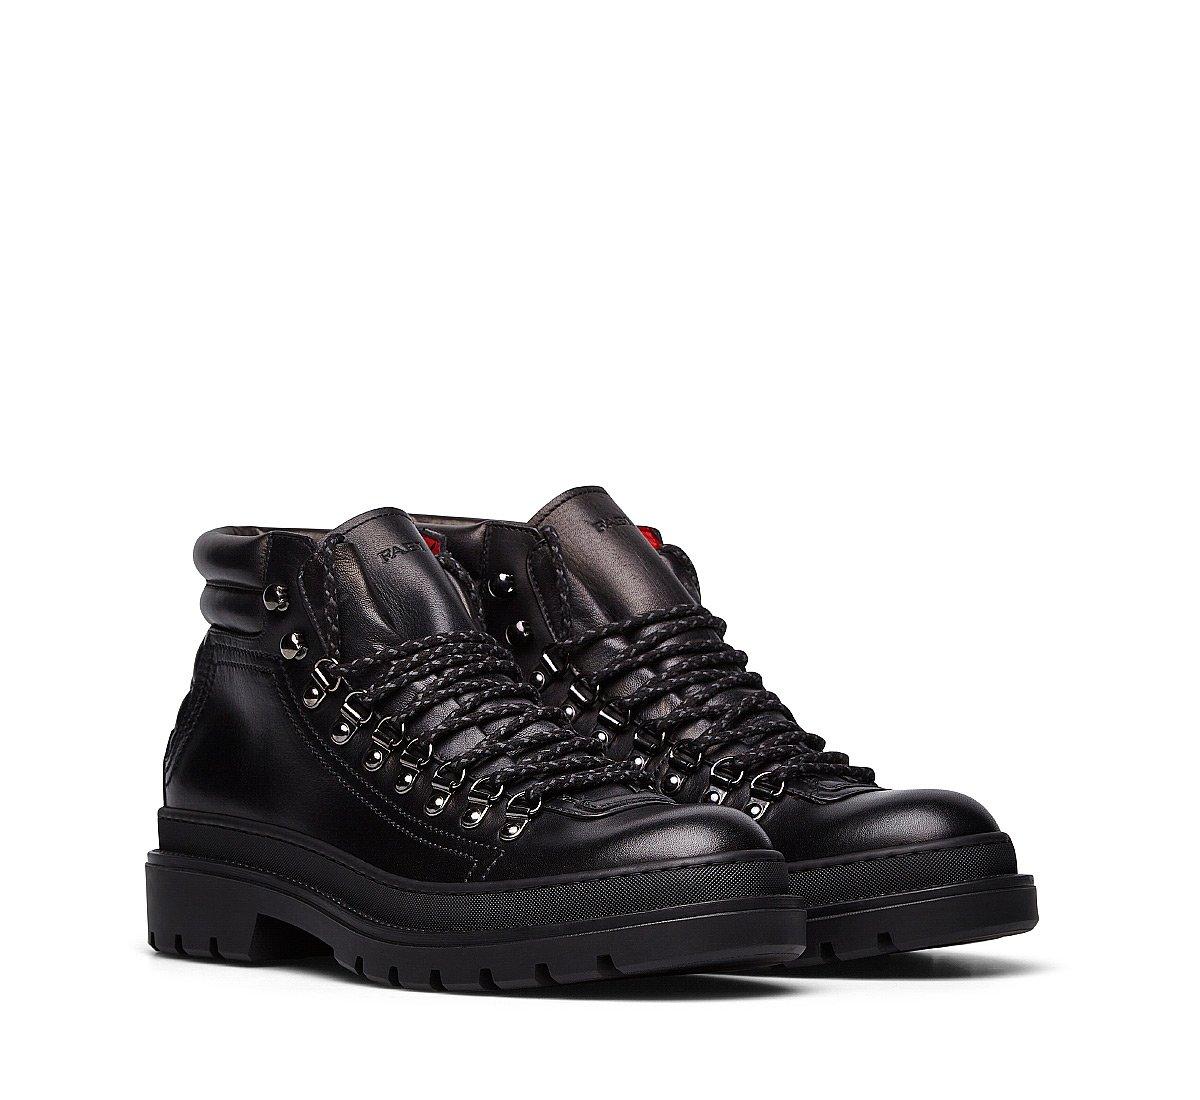 Trekking-style boots